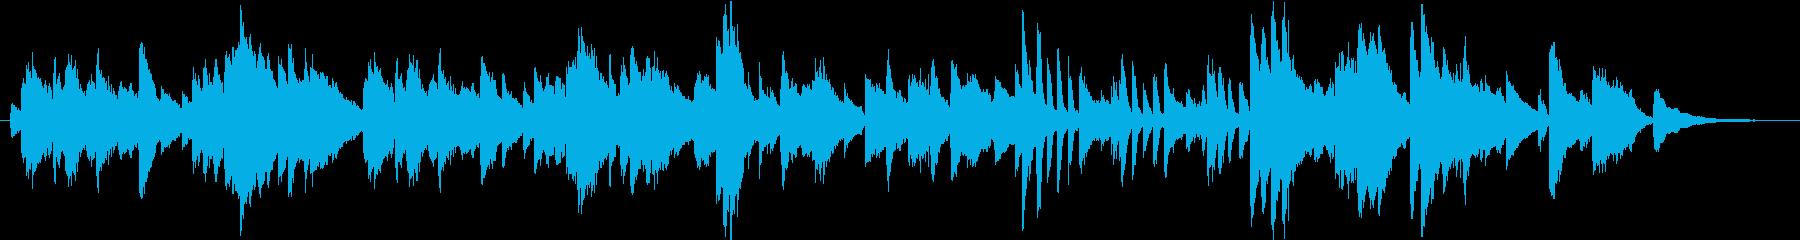 広告ライクでクラシカルなシンプルピアノ曲の再生済みの波形